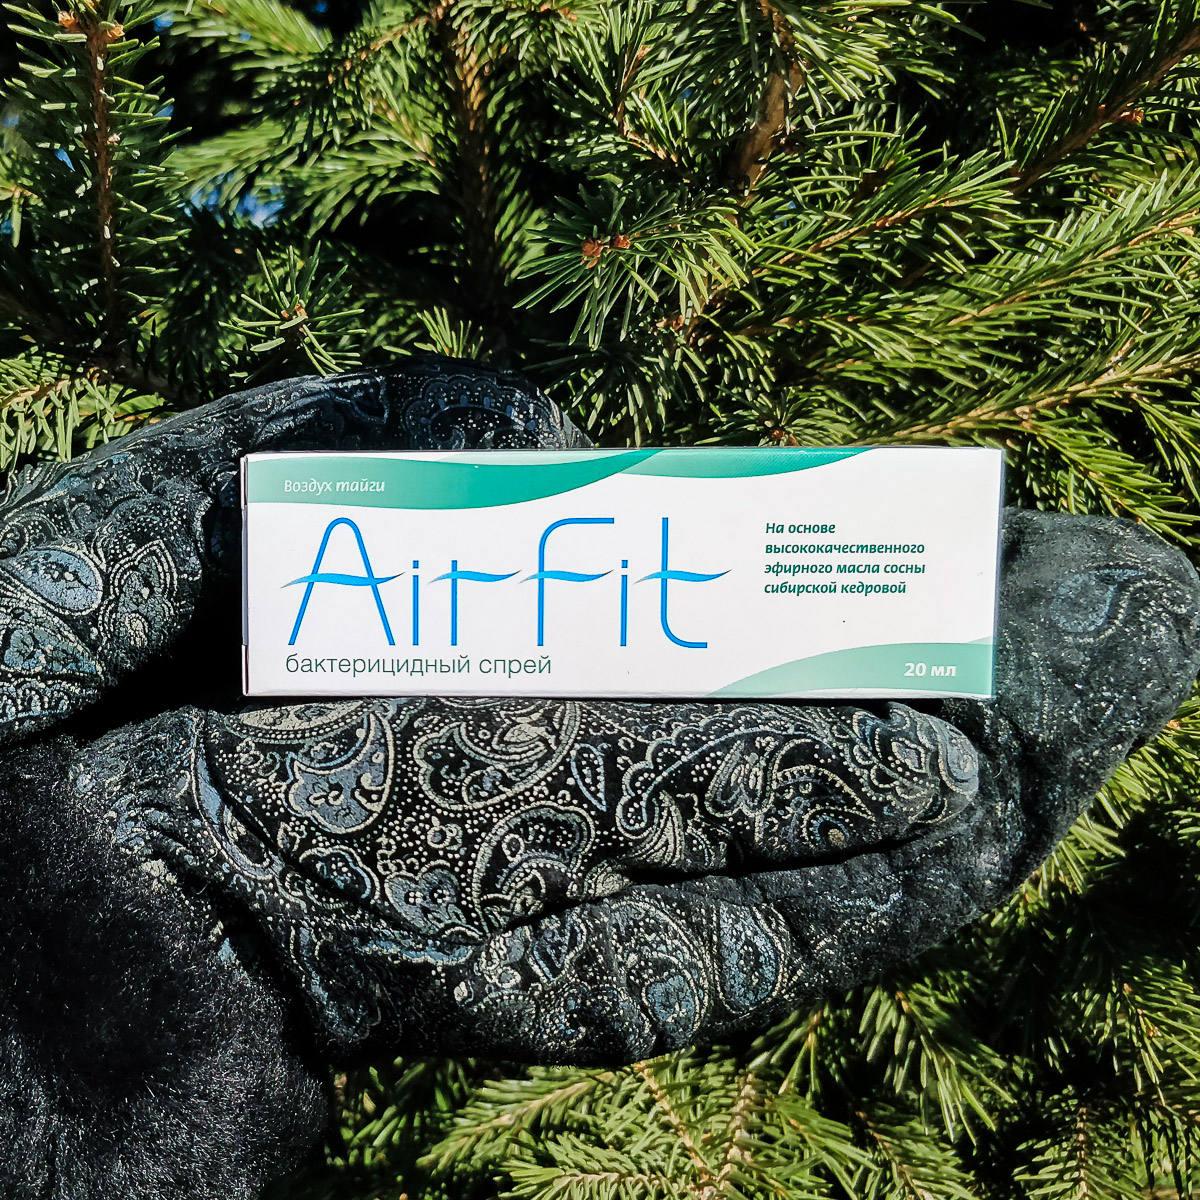 Бактерицидный спрей AirFit 20 мл (пихта)